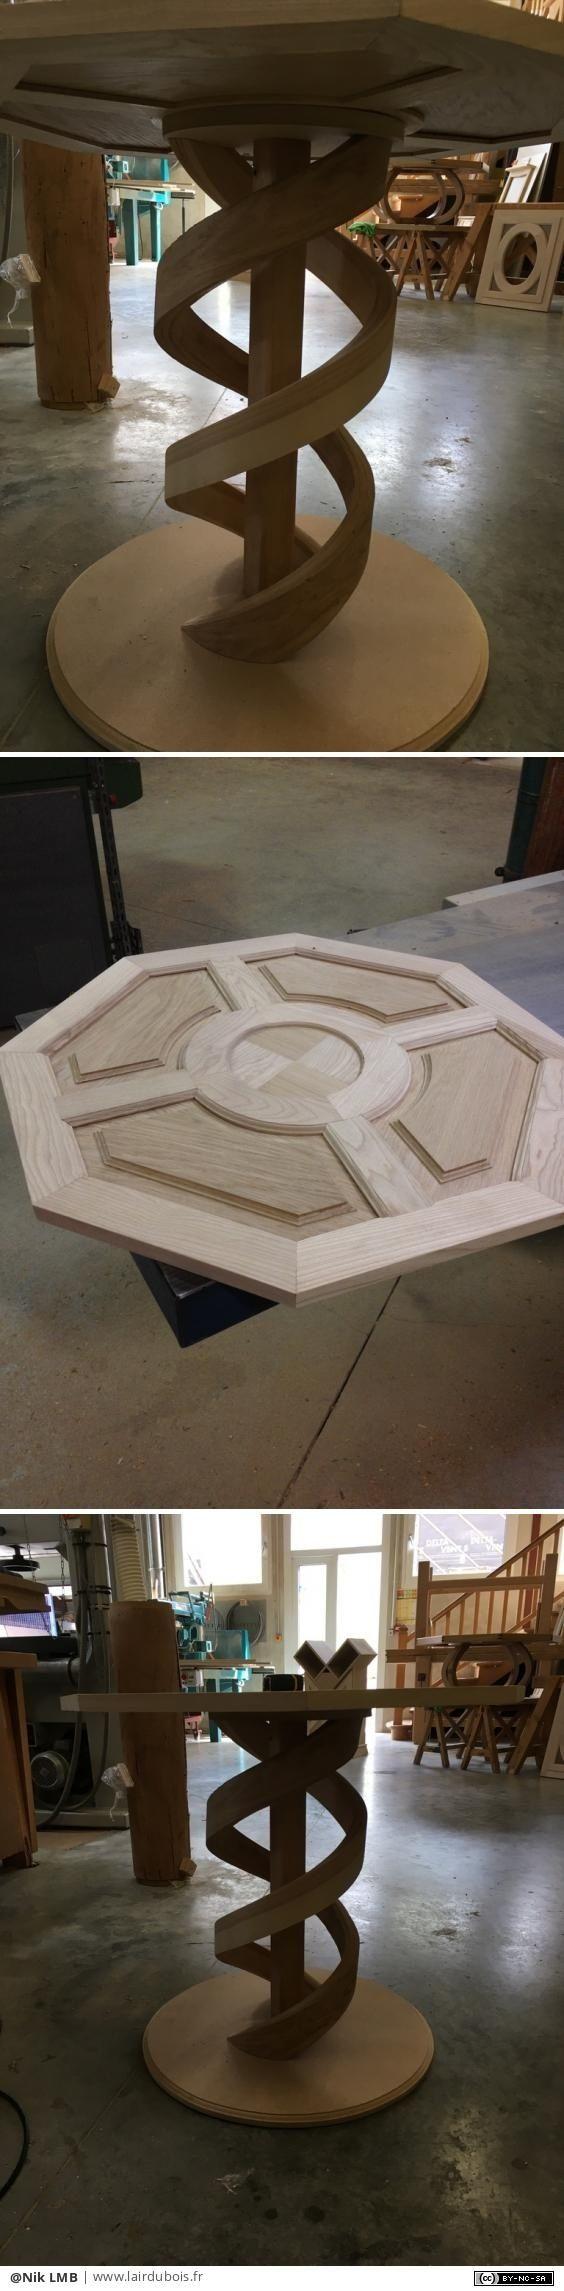 Pied de table par Nik LMB - Bonjour,  Il y a quelques temps je vous avais présenter la réalisation d'une maquette d'un octogone ([ici](https://www.lairdubois.fr/creations/3977-maquette-octogone.html))  Je vous avais dit que je...